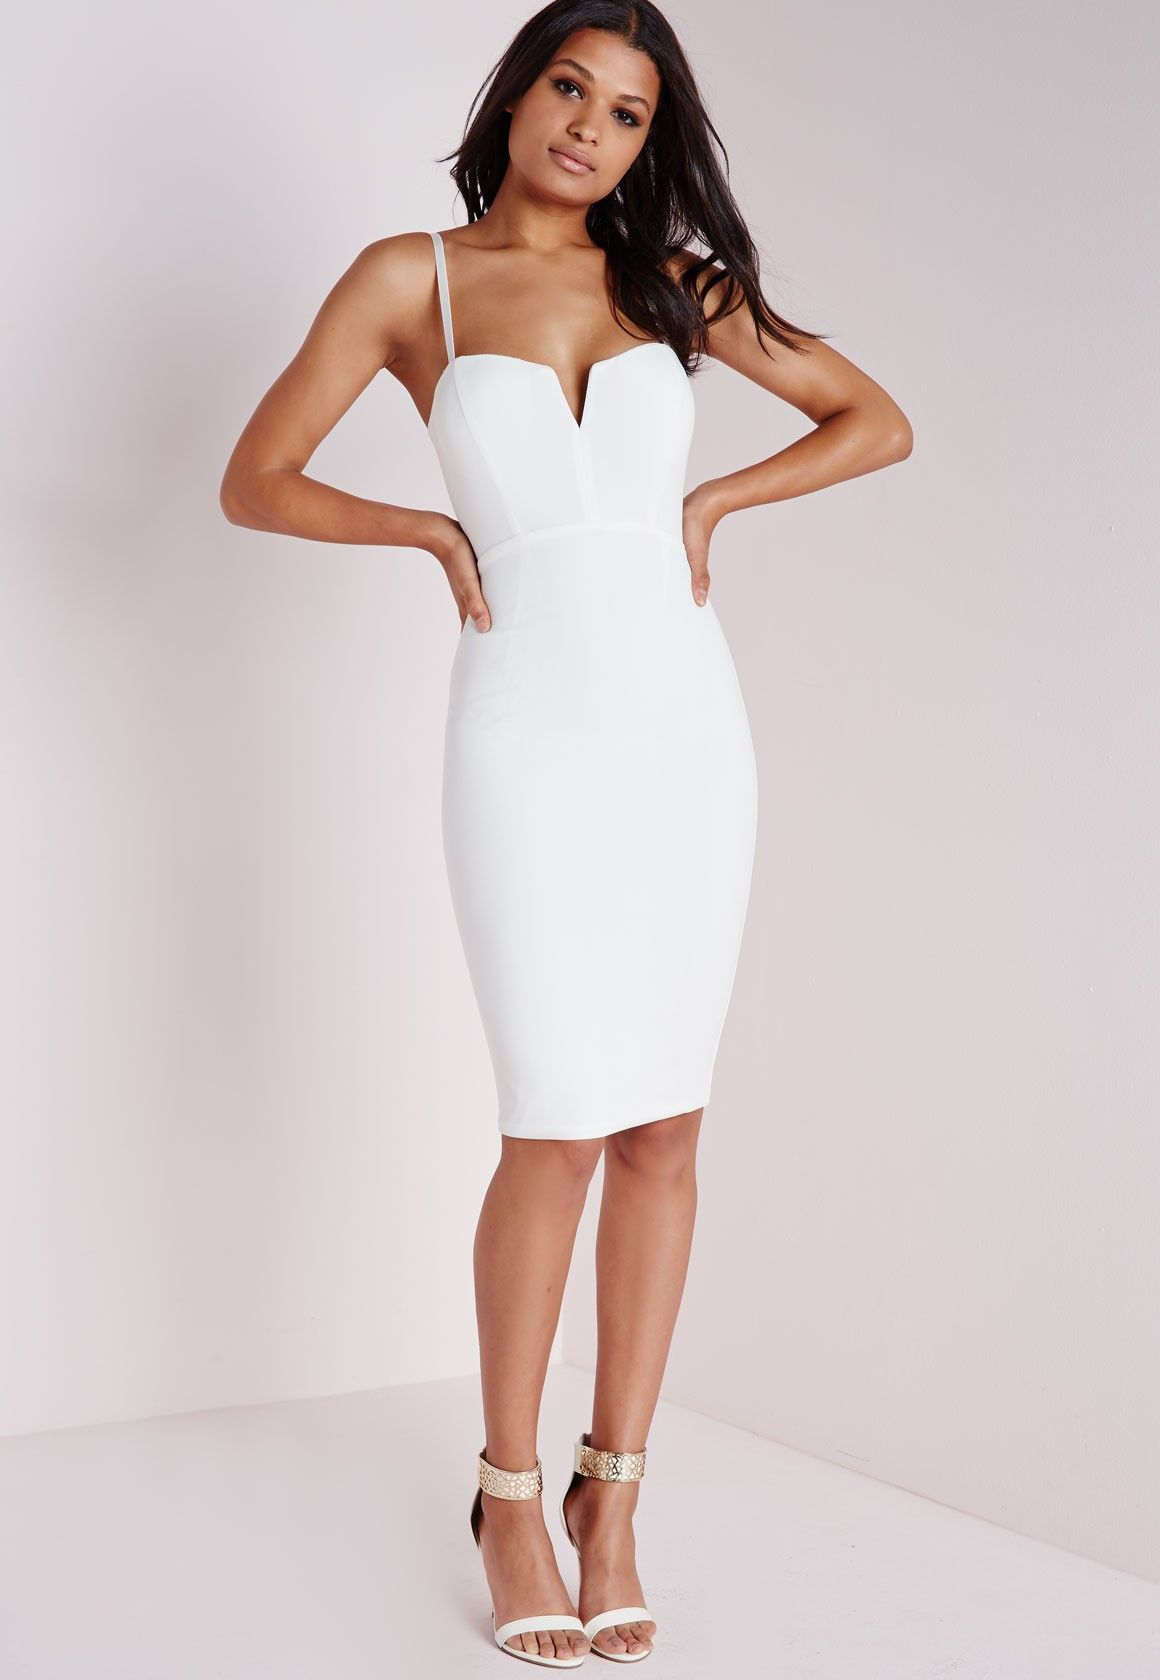 Seductive Cocktail Dress